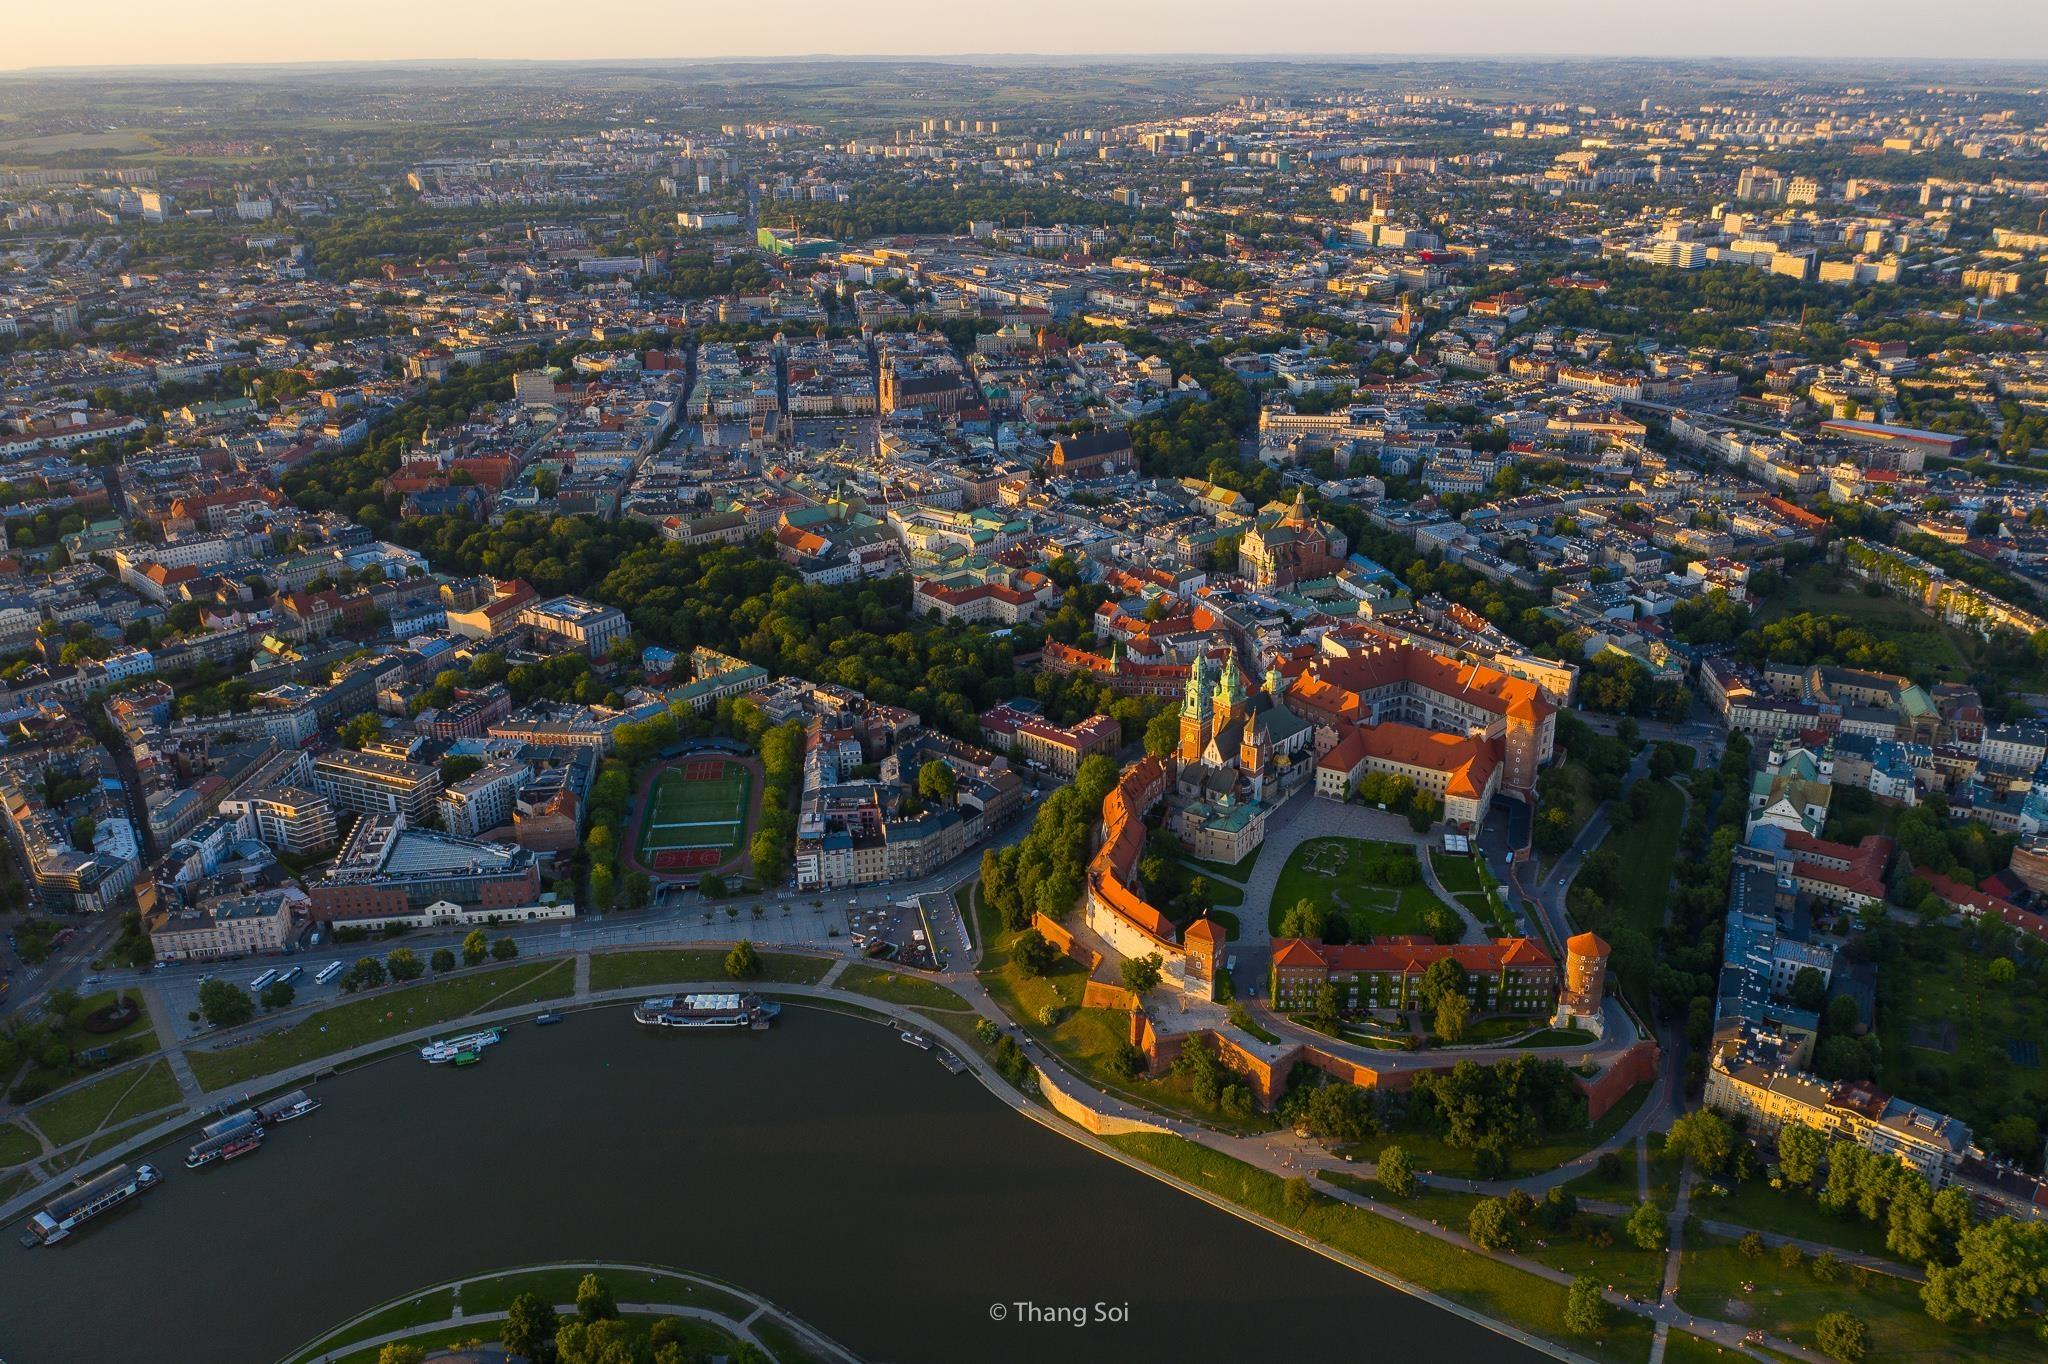 Krakow, kinh do co phai ghe tham khi den Ba Lan hinh anh 3